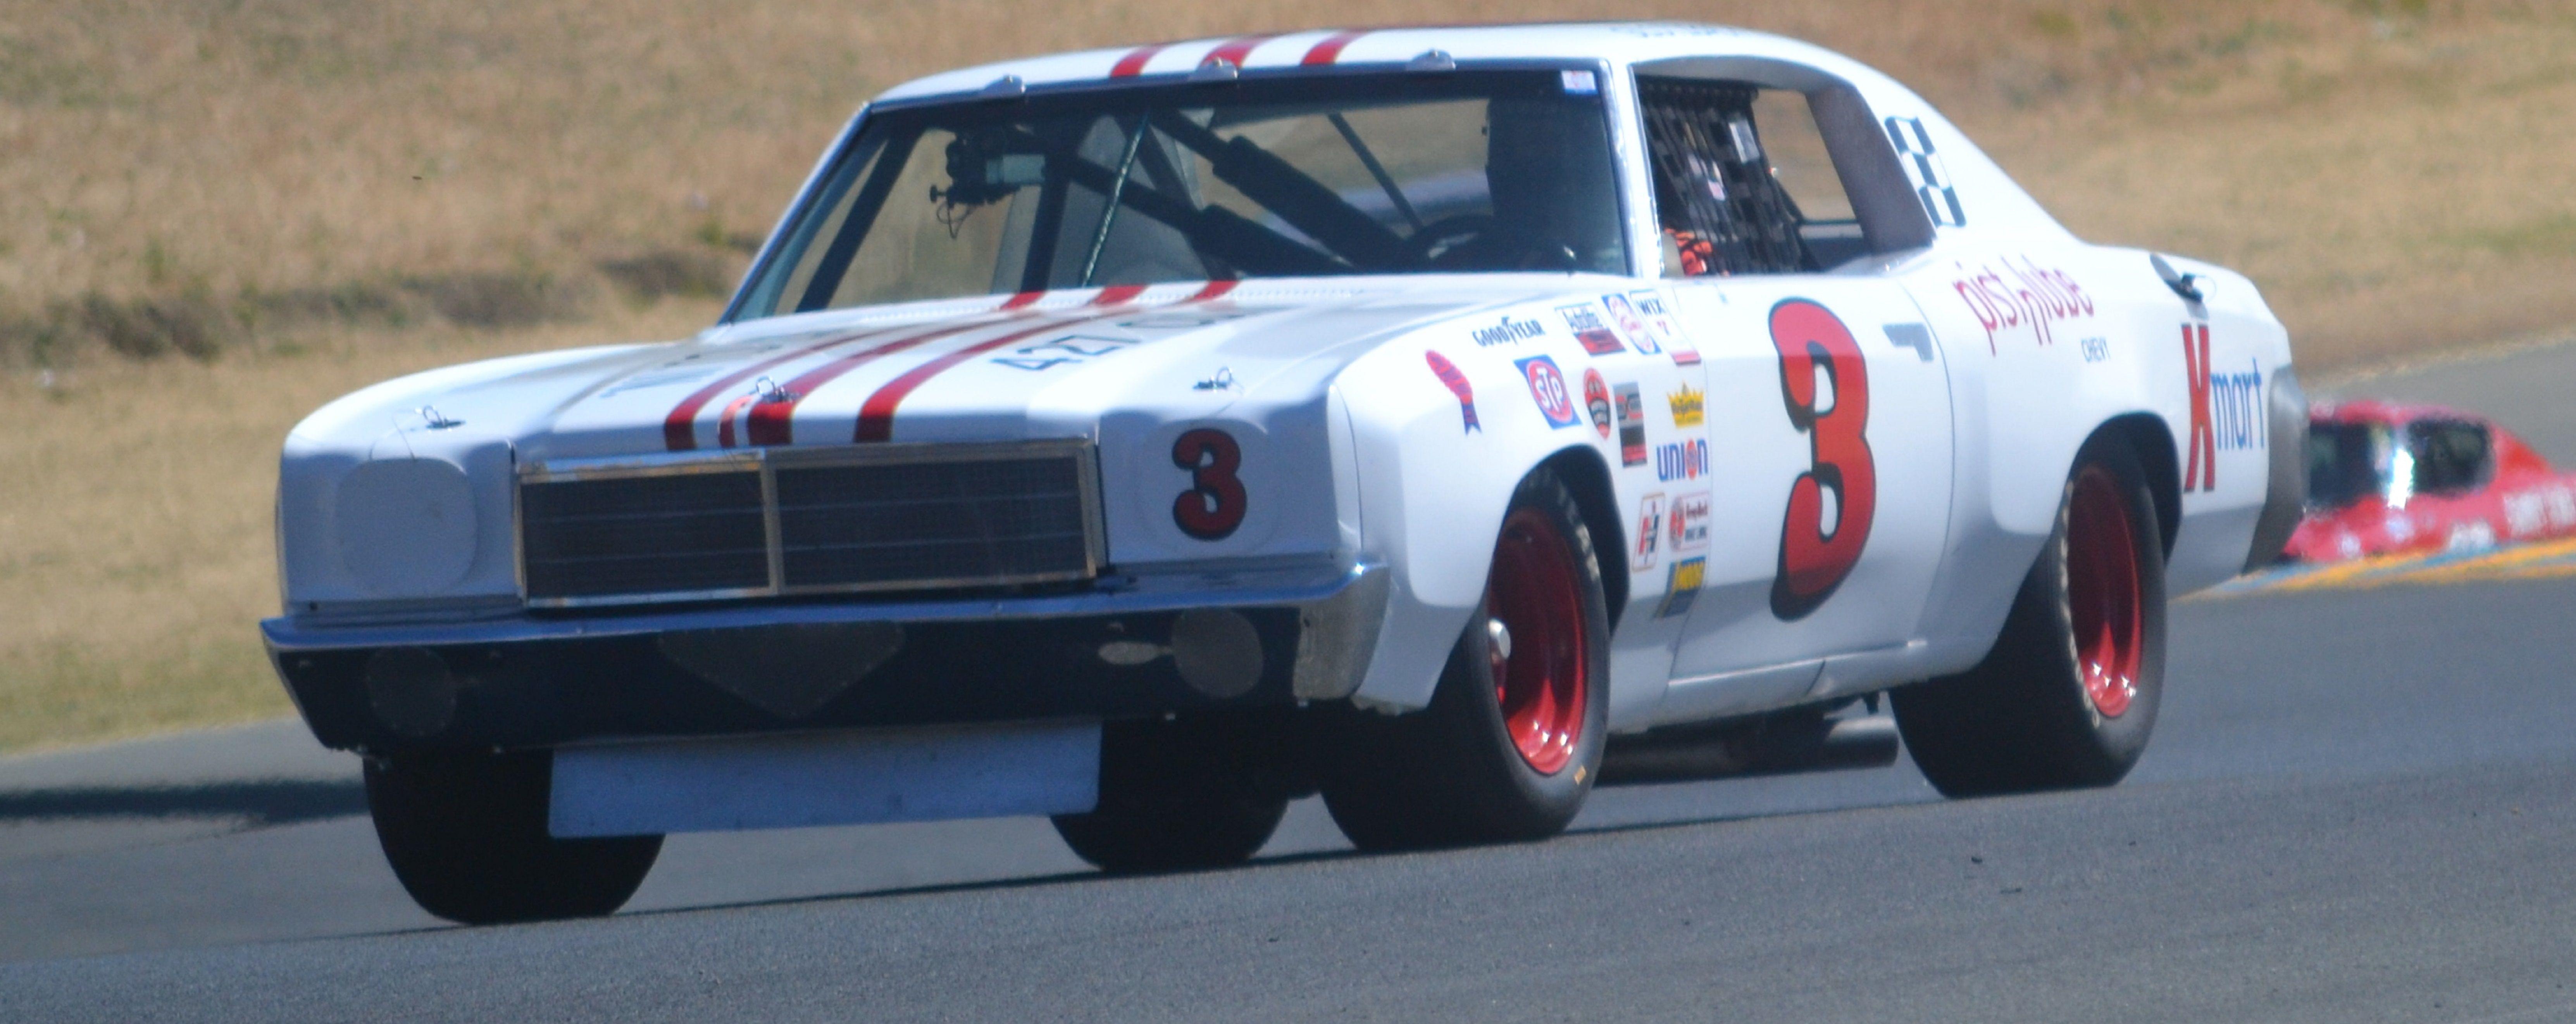 1971 Chevrolet Monte Carlo Coupe Nascar Race Car Nascar Race